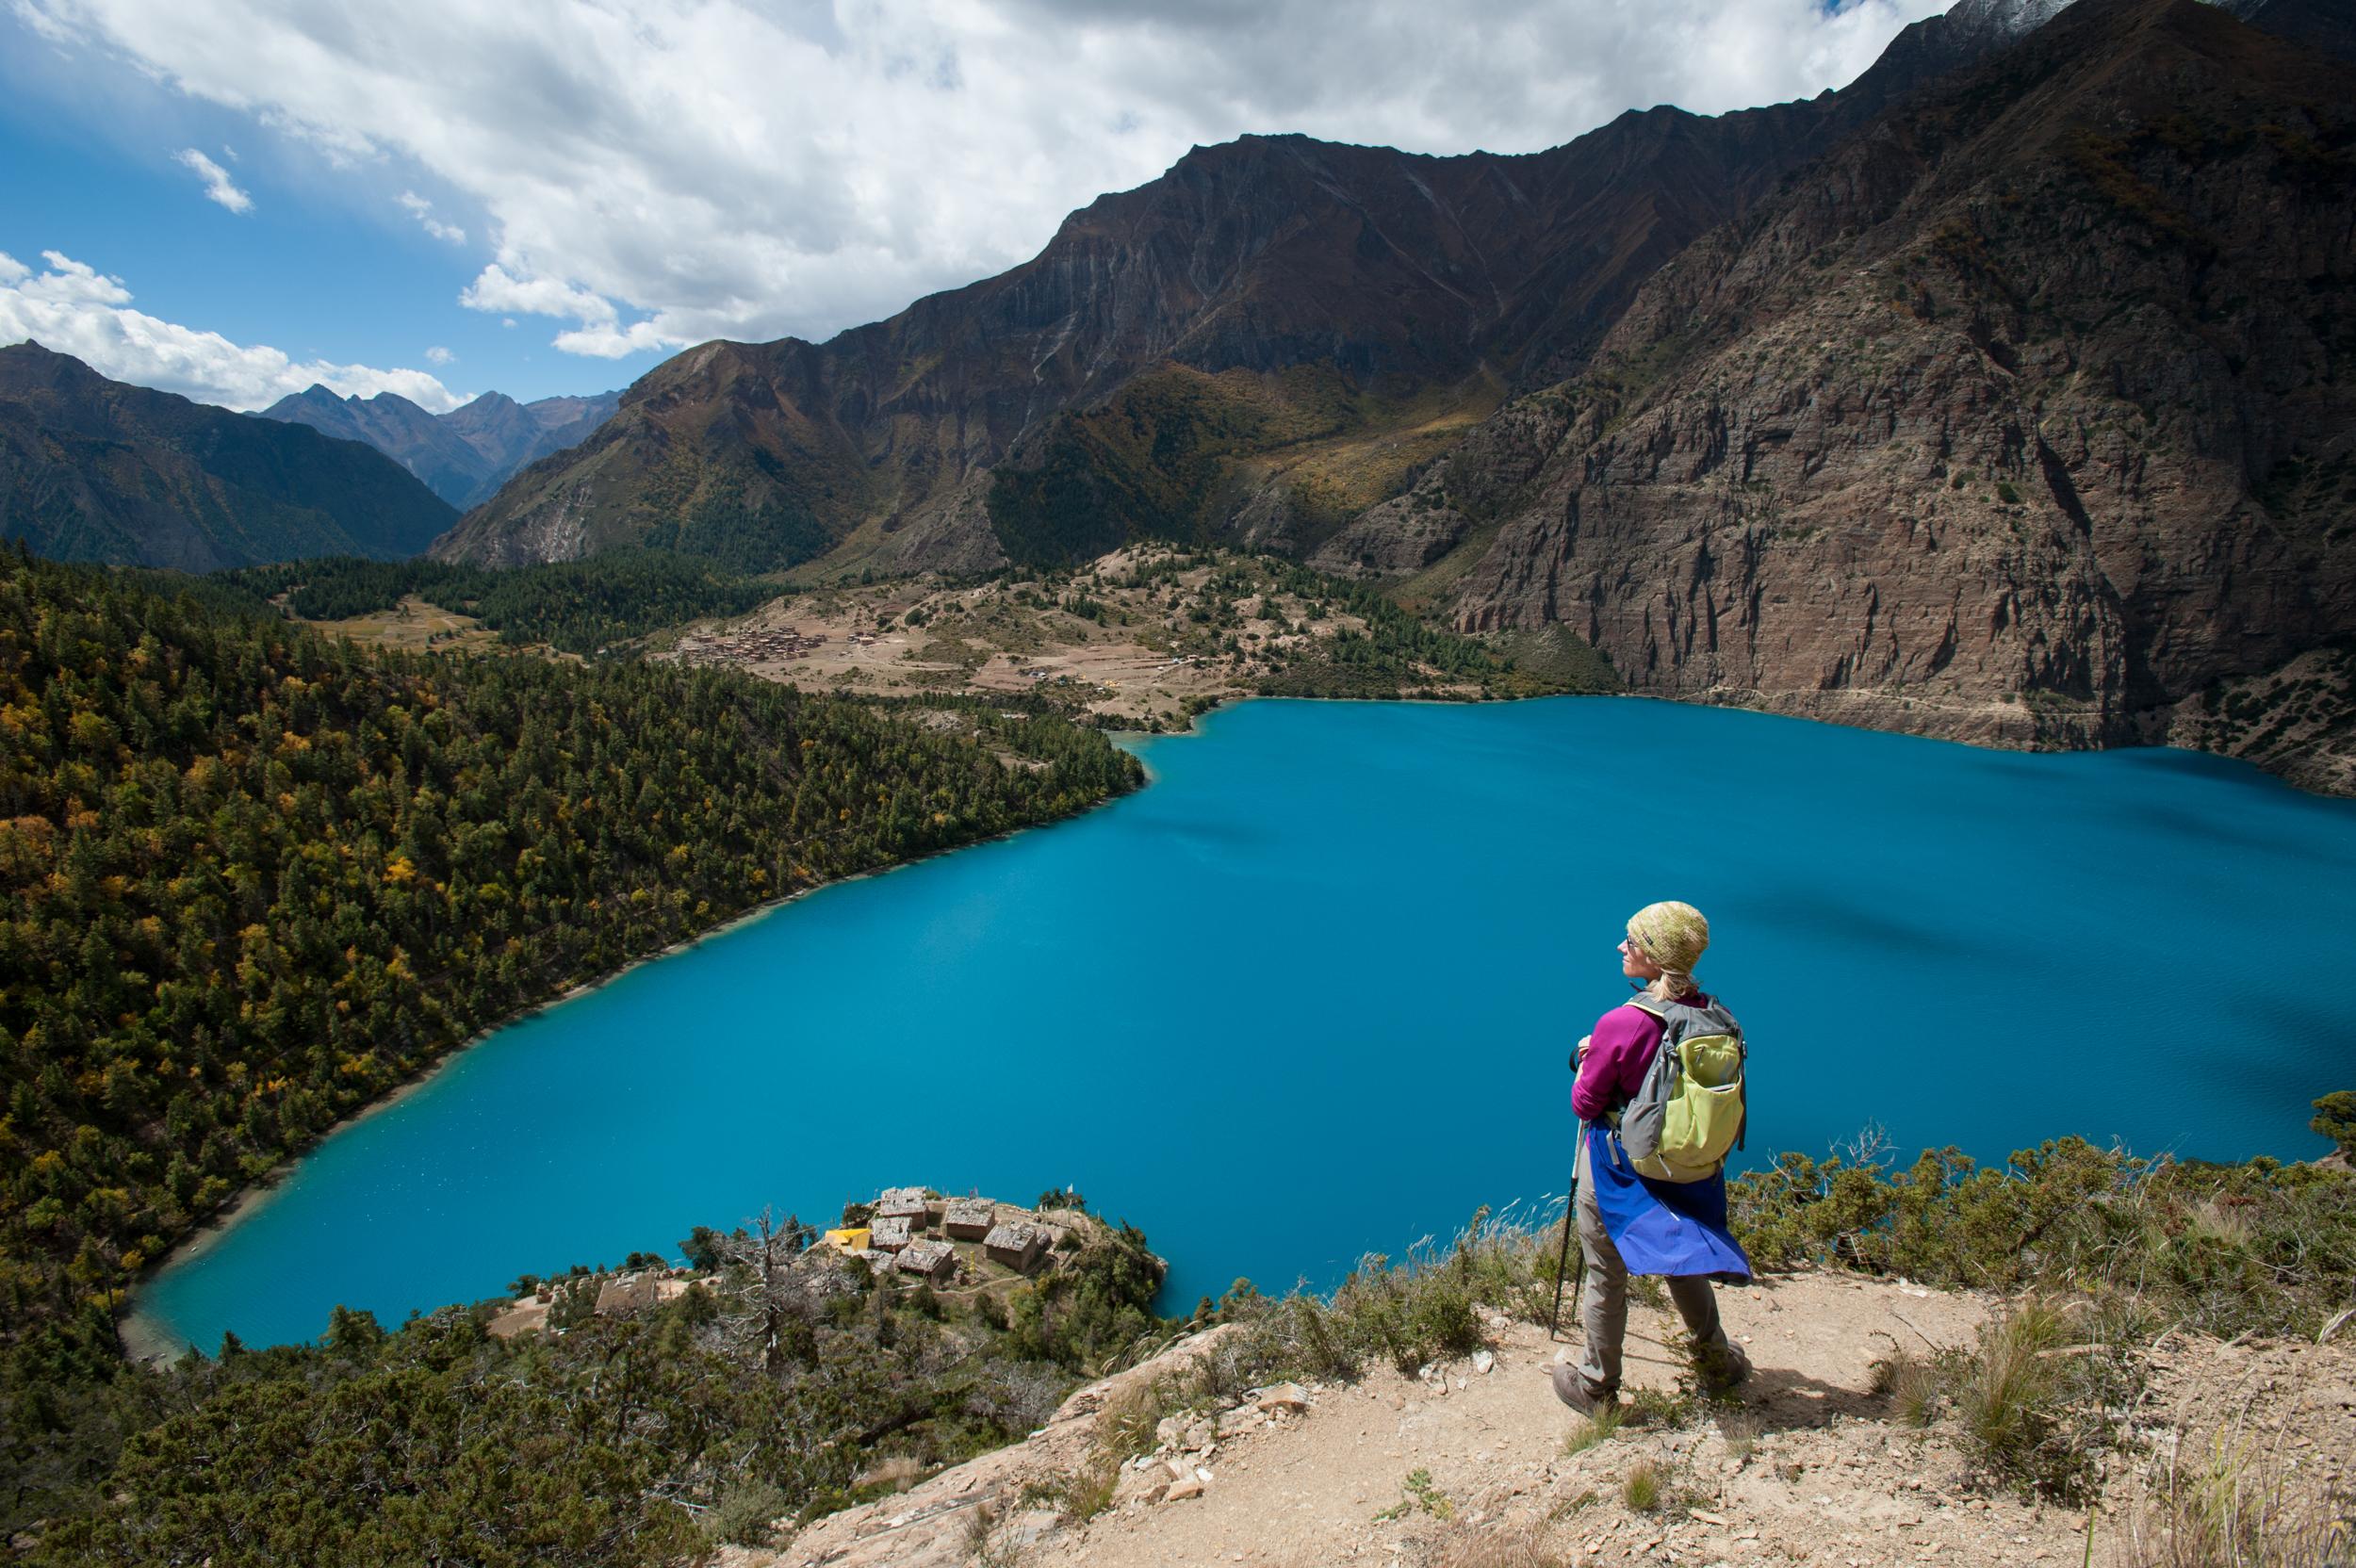 Phoksundo lake, Dolpa, Nepal